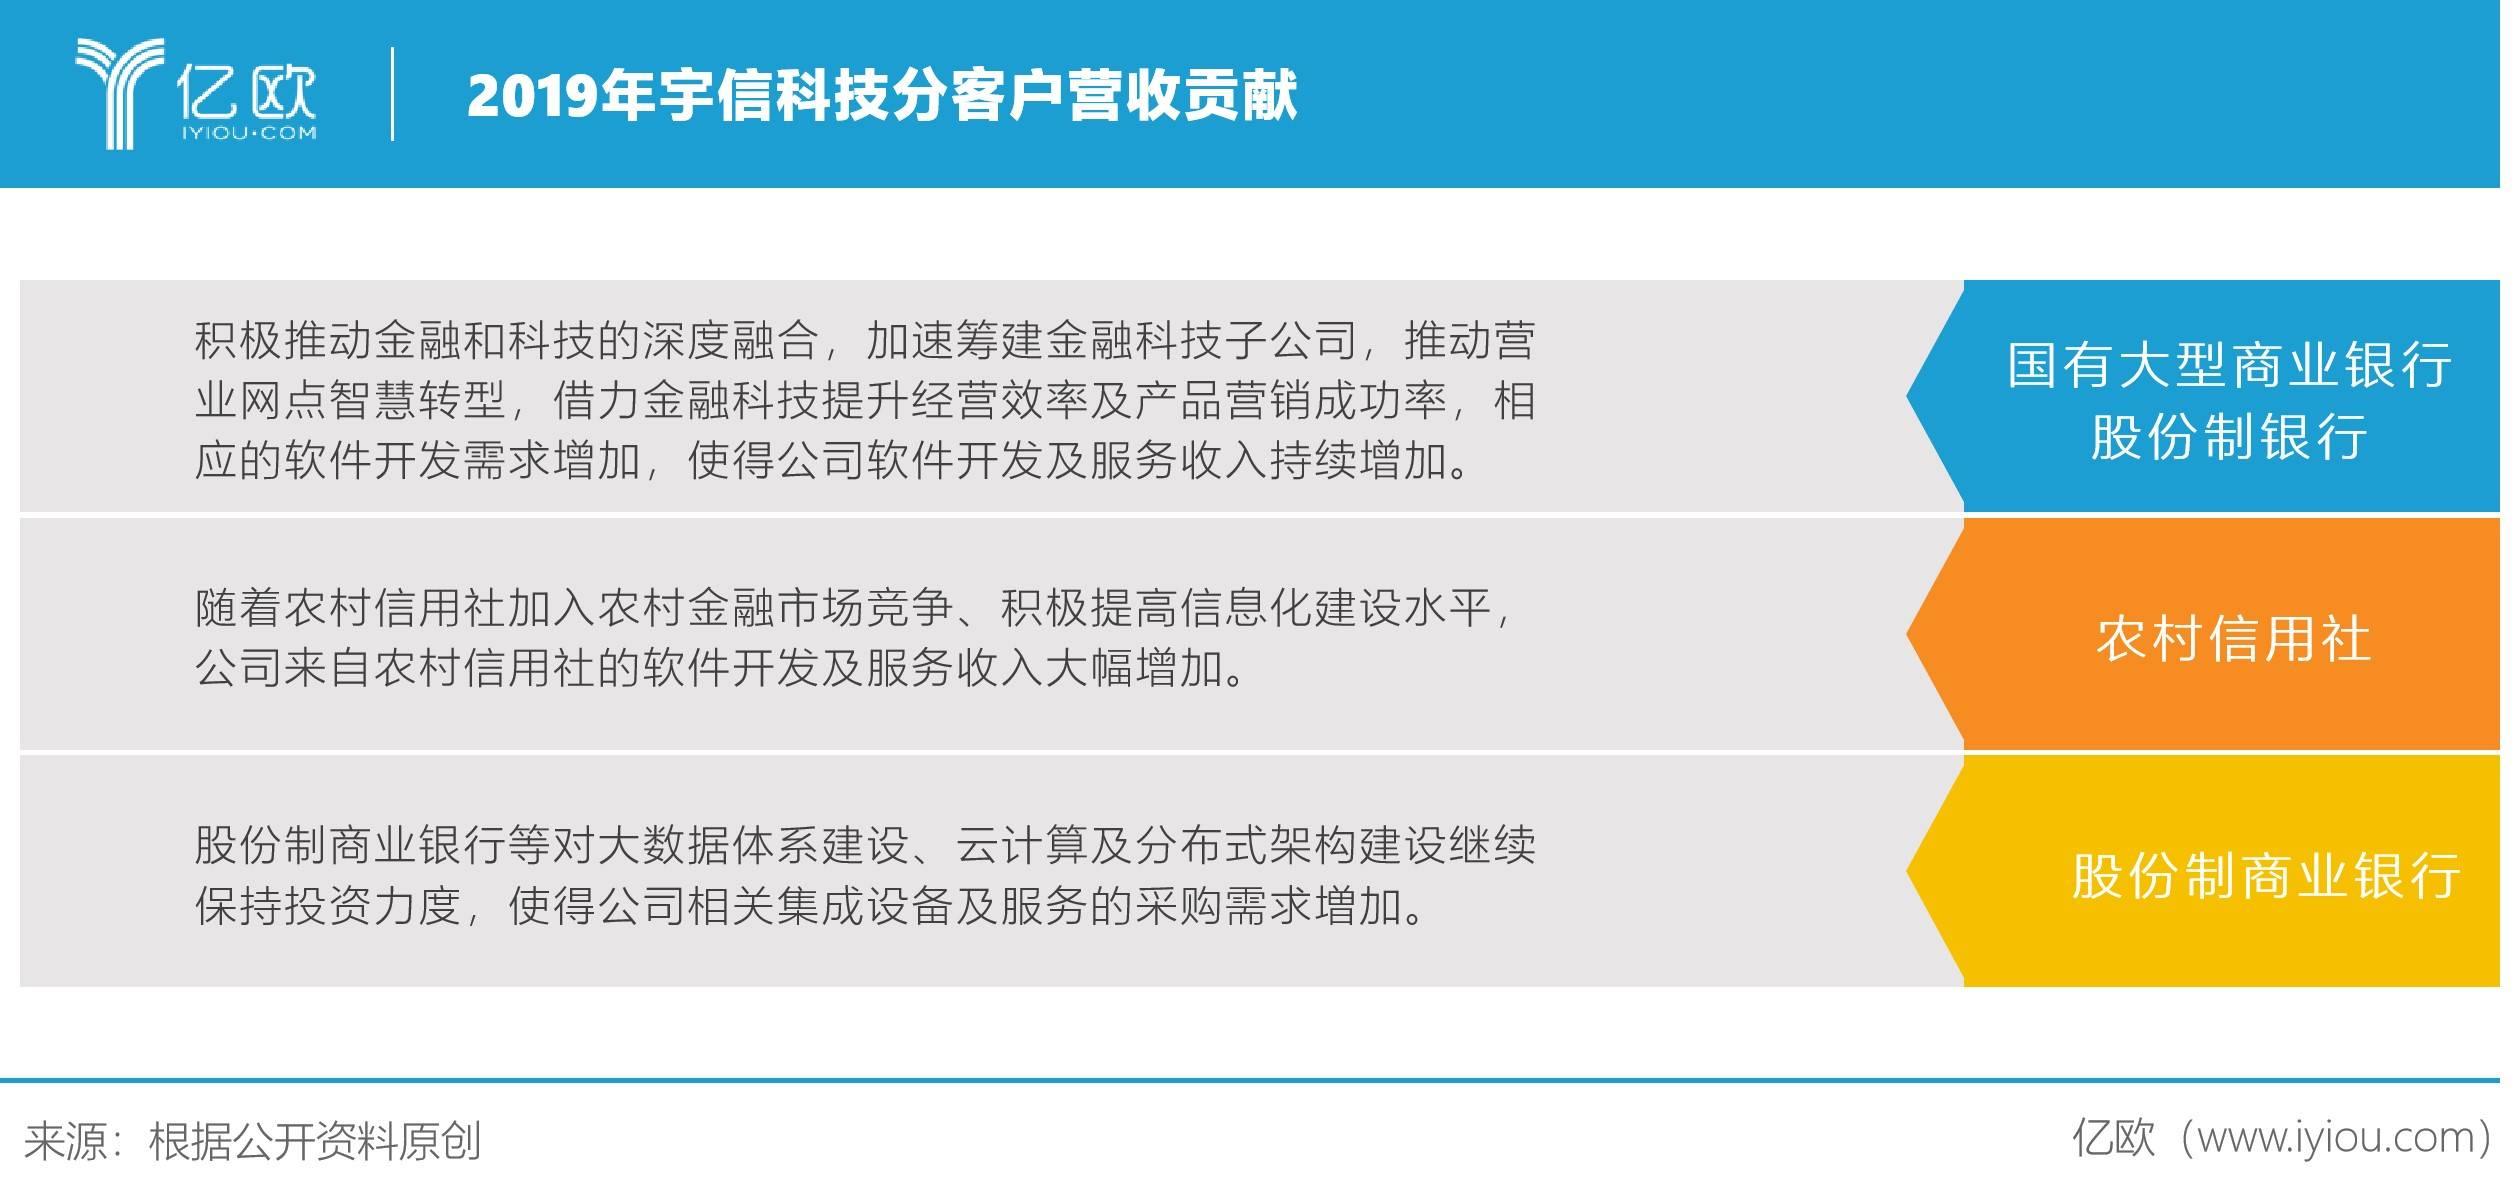 2019年宇信科技分客户营收贡献